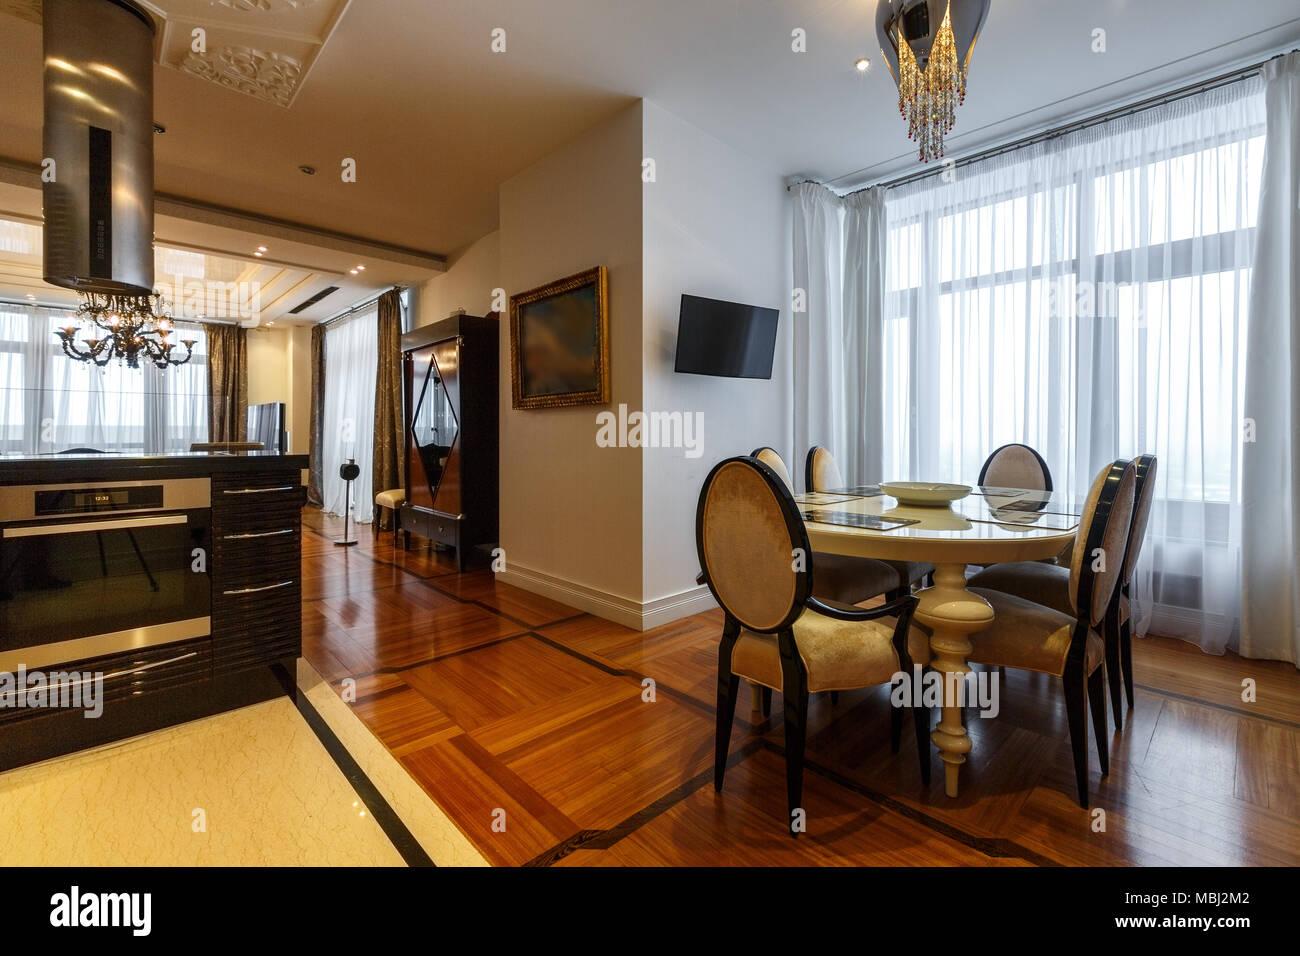 conçu cuisine intérieur dans un appartement de luxe, murs blancs